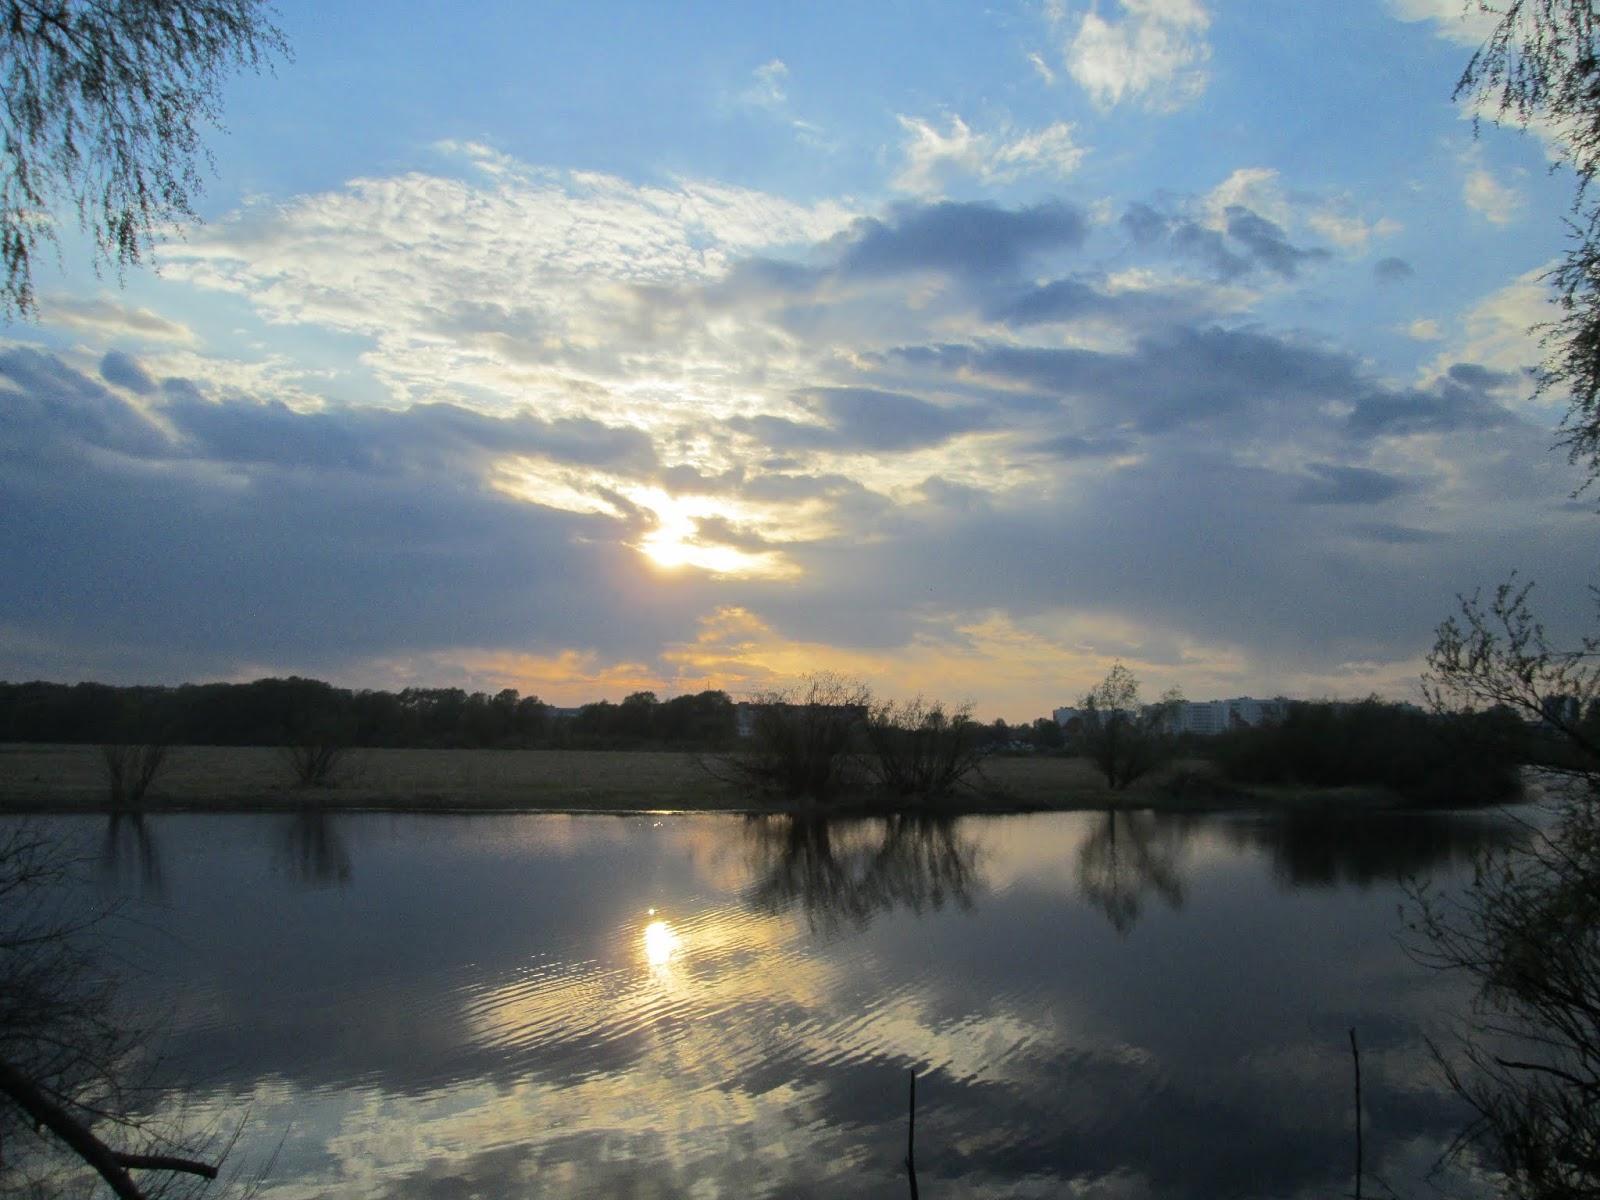 Приближающийся закат солнца над рекой